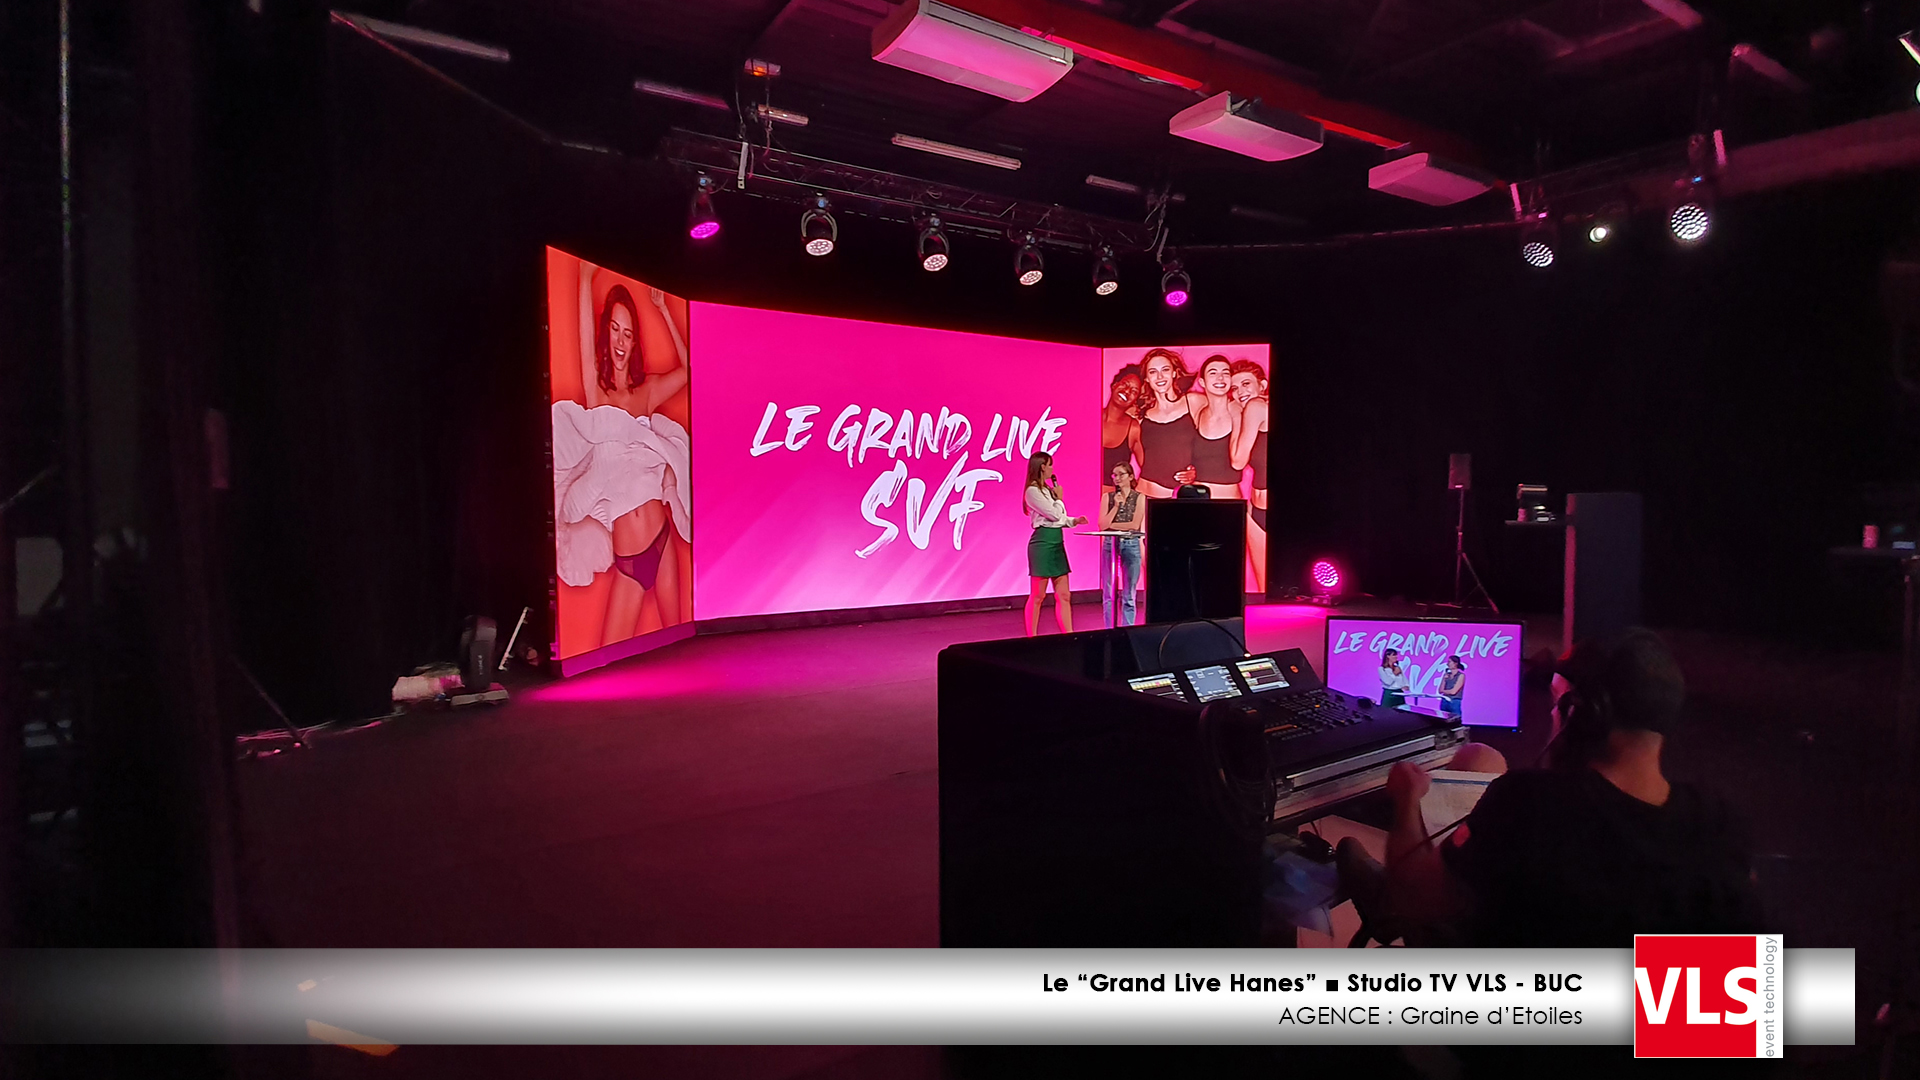 Studio TV VLS Le grand live Hanes